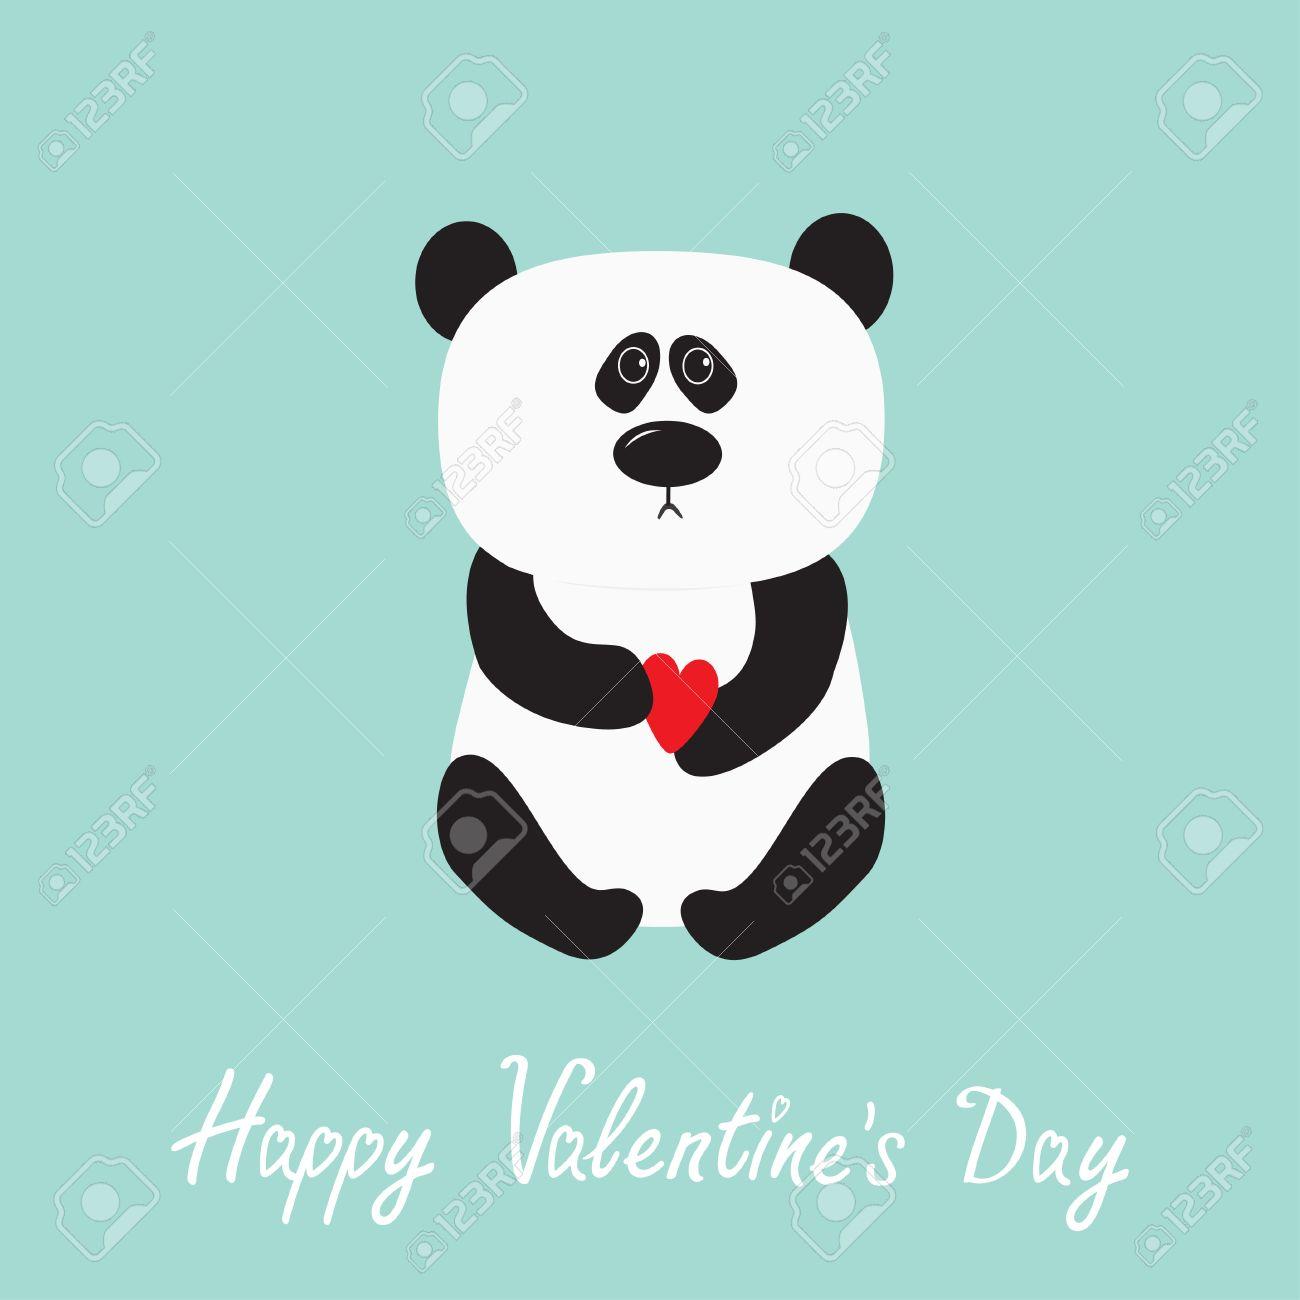 Bébé Ours De Panda Personnage De Dessin Animé Mignon Tenant Coeur Rouge Collection D Animaux Sauvages Pour Les Enfants Fond Bleu Joyeuse Saint